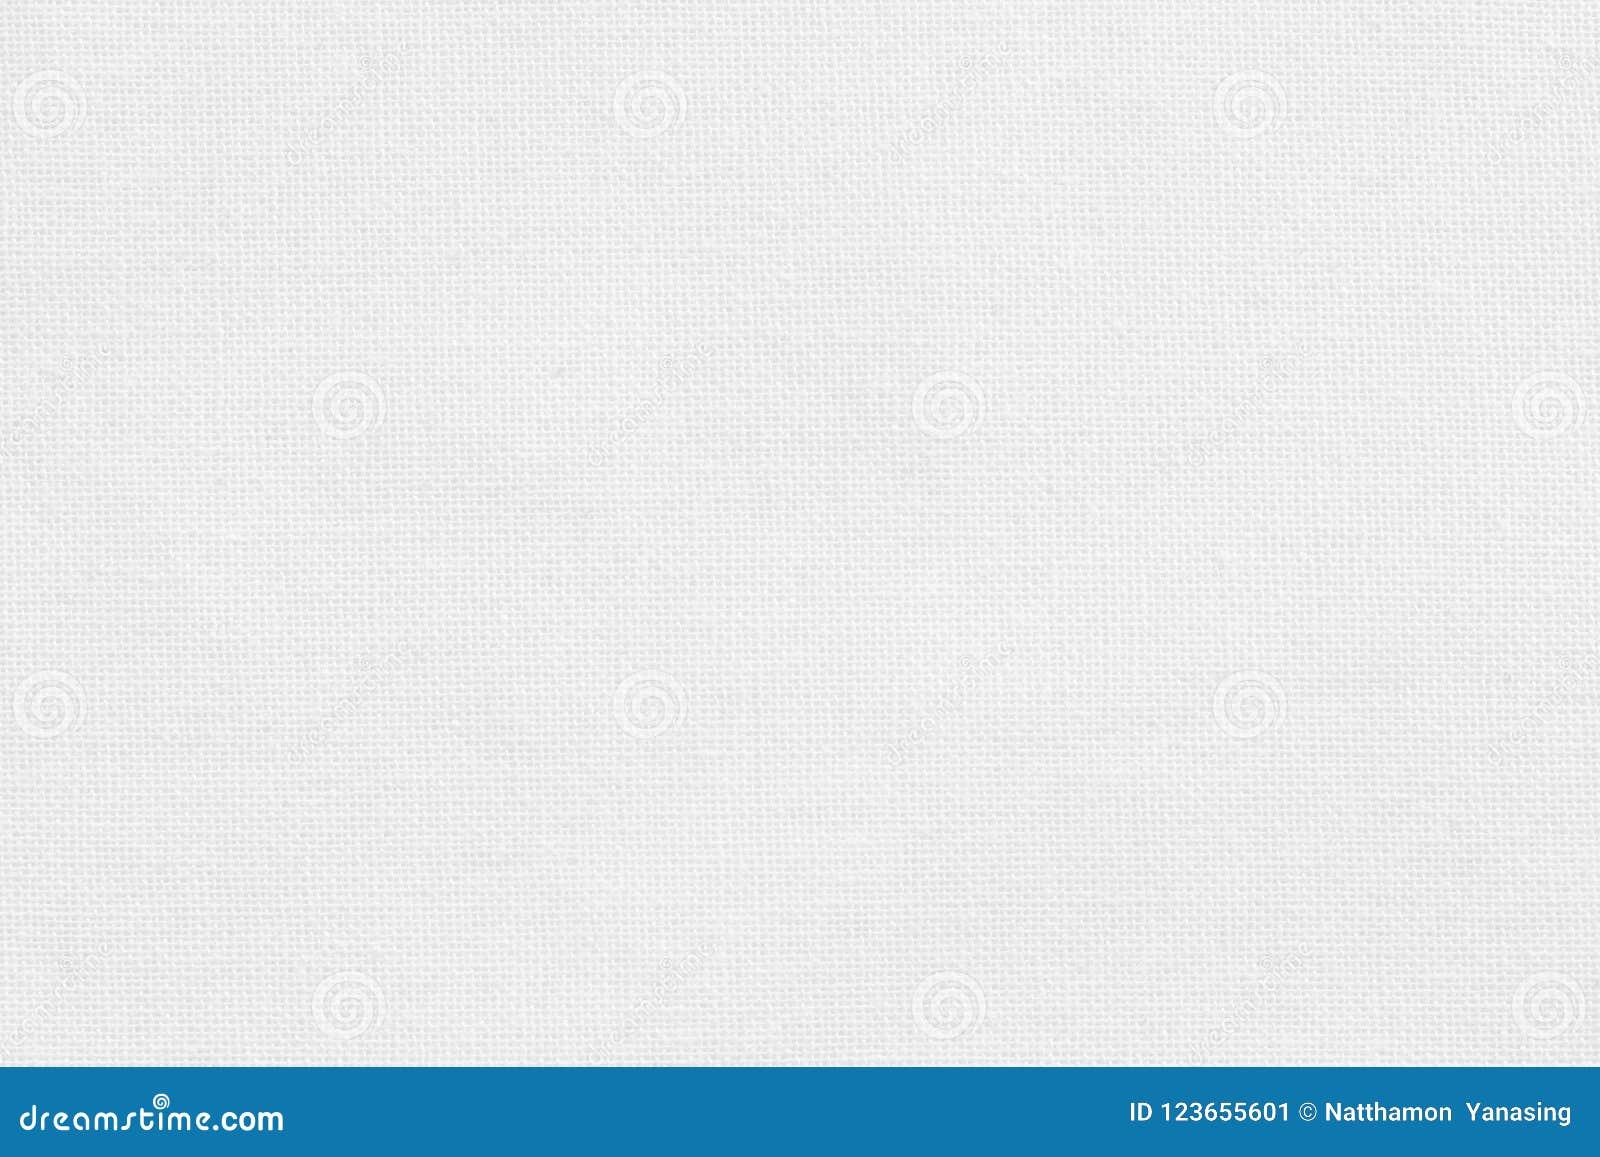 Fondo Blanco De La Textura De La Tela De Algodón, Modelo Inconsútil ...